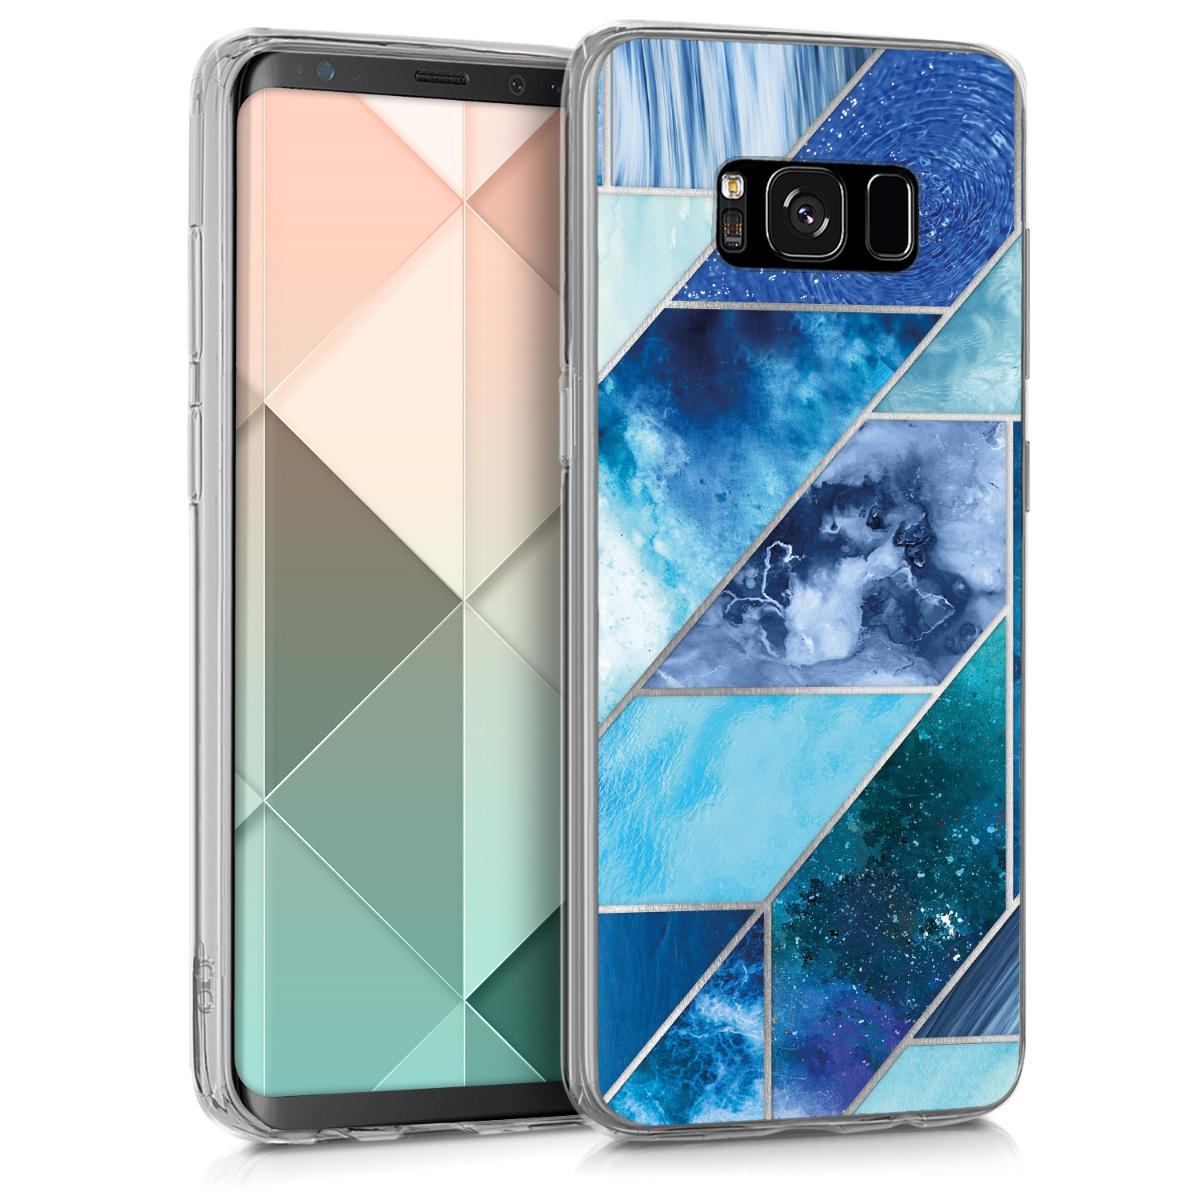 Kvalitní silikonové TPU pouzdro pro Samsung S8 - Geometrické vzory modré / tyrkysové / stříbrné